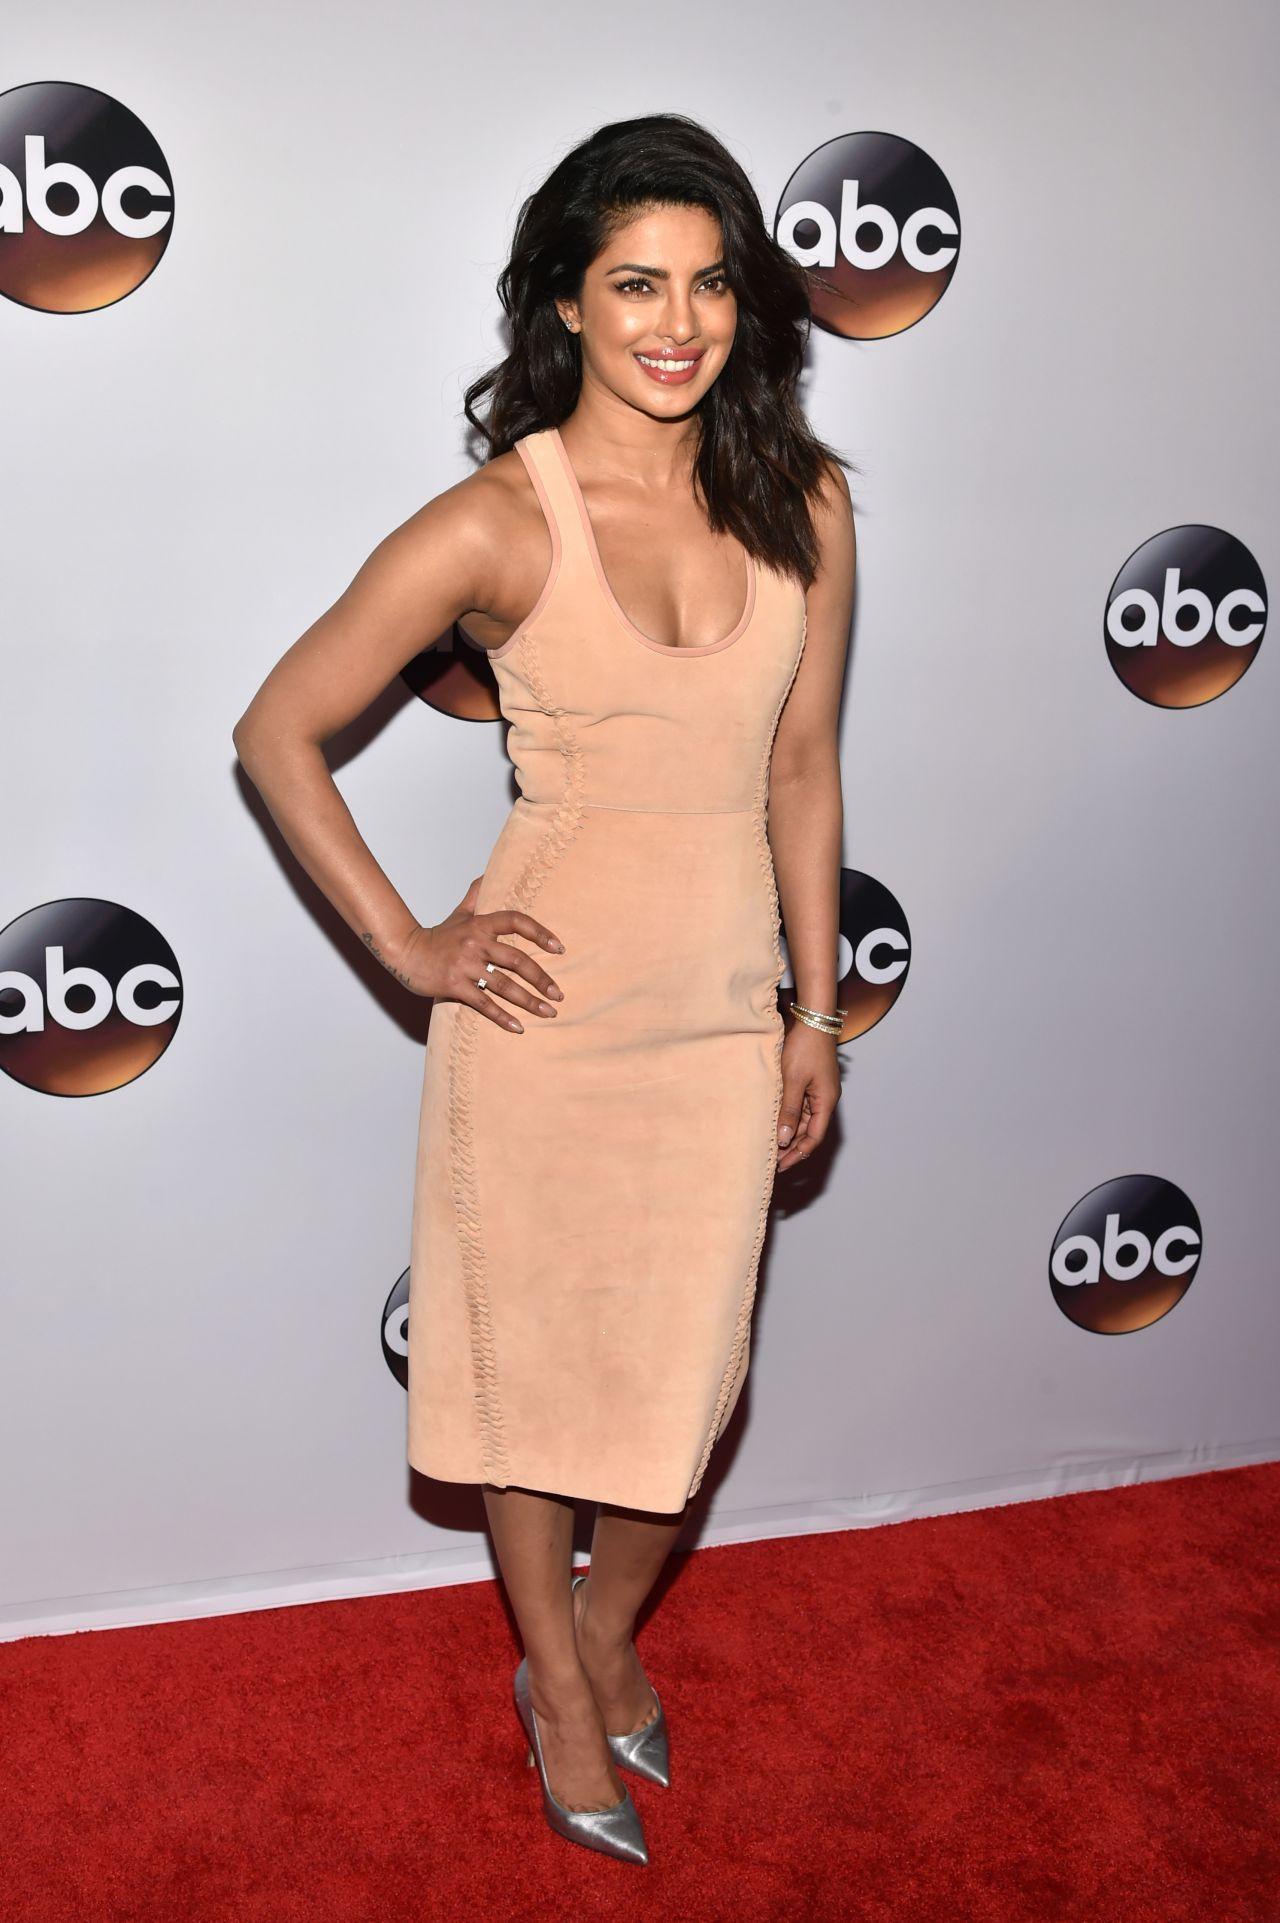 Abc Las Vegas >> Priyanka Chopra – ABC Network 2016 Upfront Presentation in New York City